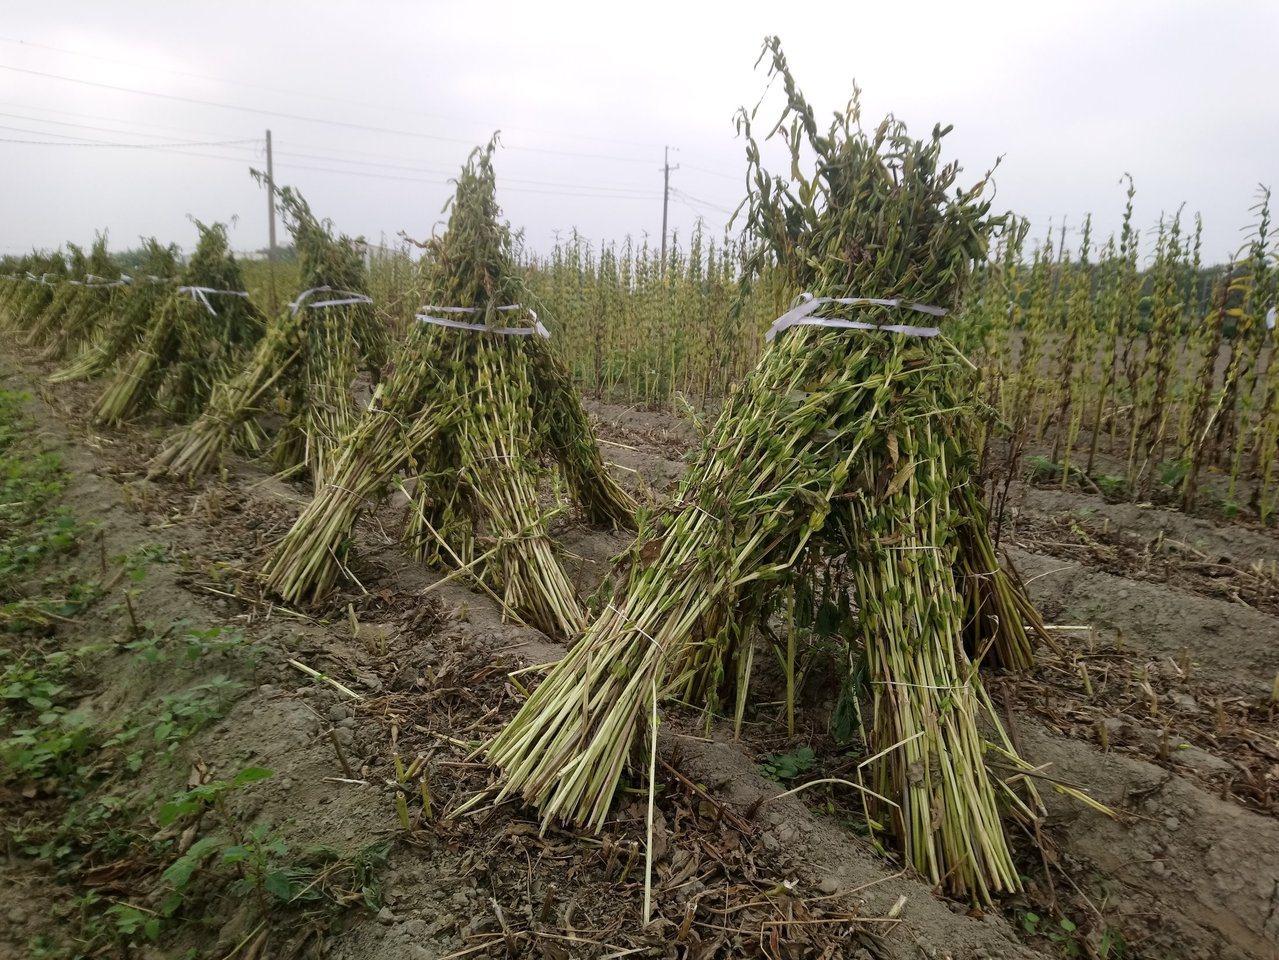 胡麻採收工序繁多,人力需求大,目前台南地區胡麻正進入採收期。圖/台南區農改場提供